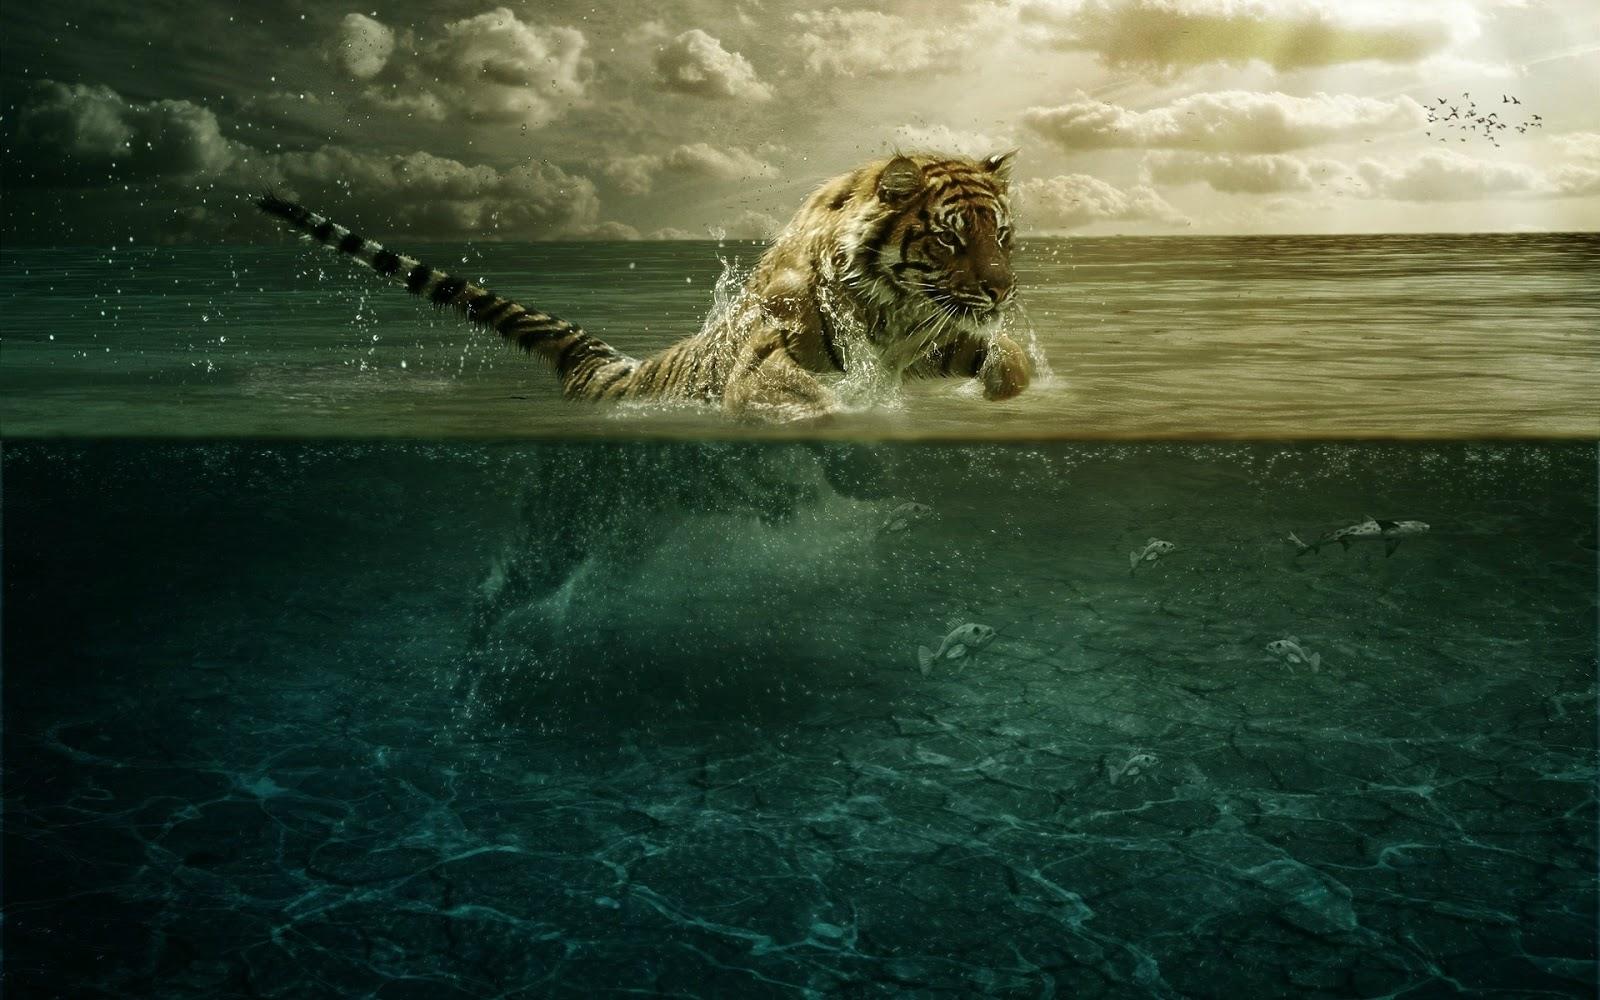 80 4k Tiger Wallpaper Hd For Desktop 2020 We 7